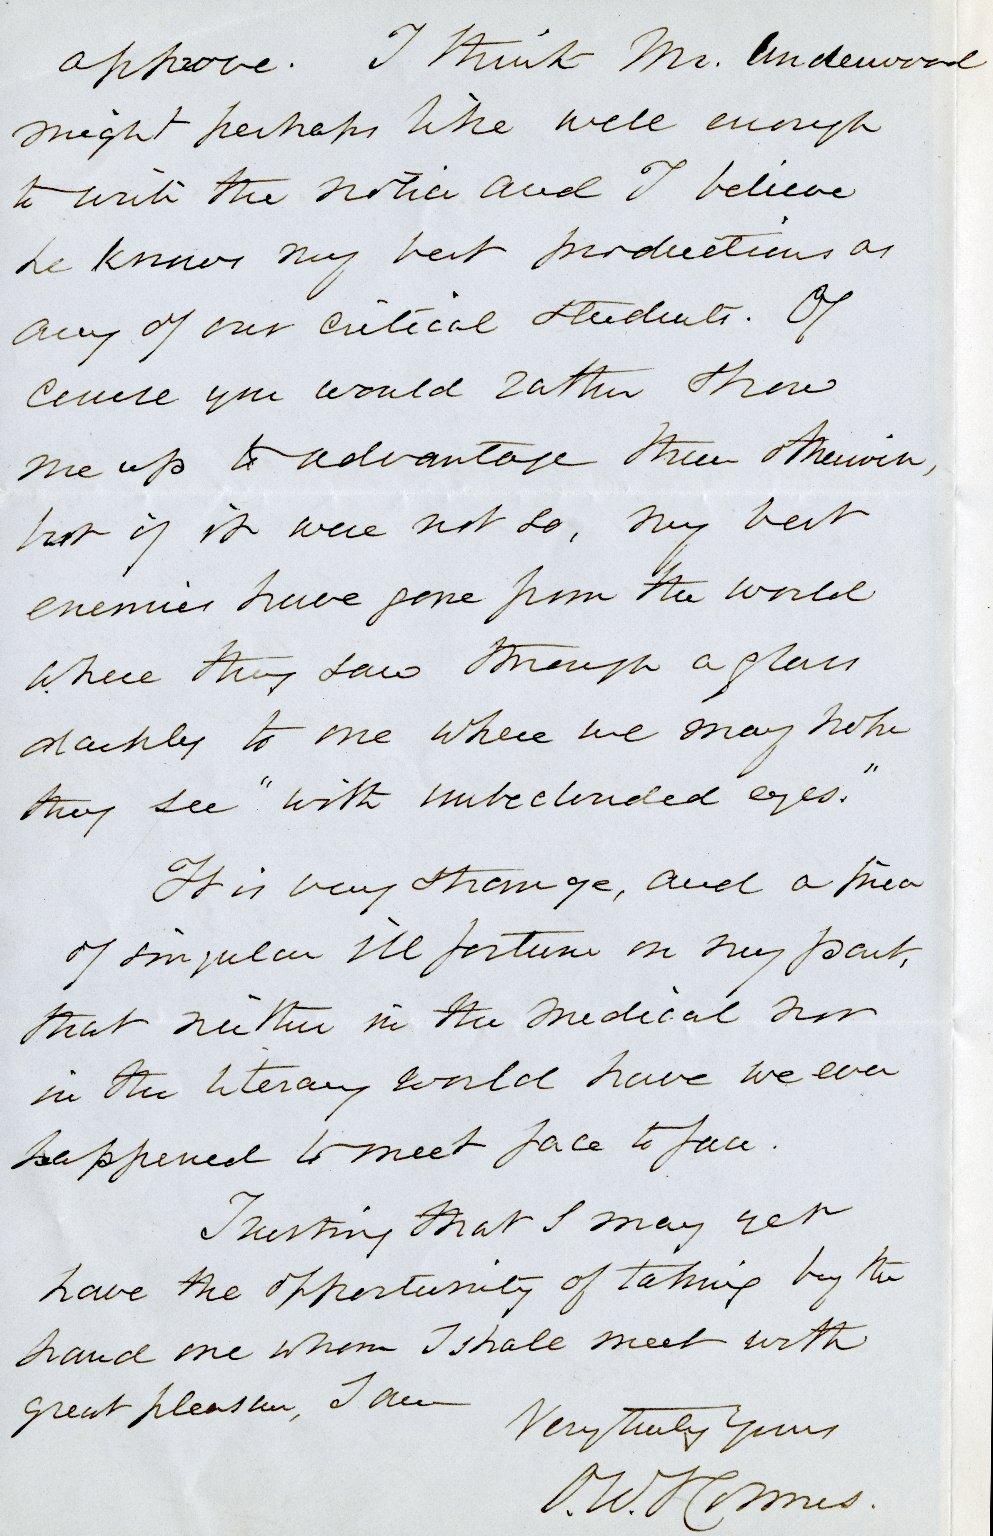 Holmes, Oliver Wendell. ALS, 2 pages, Sept. 29, 1878.